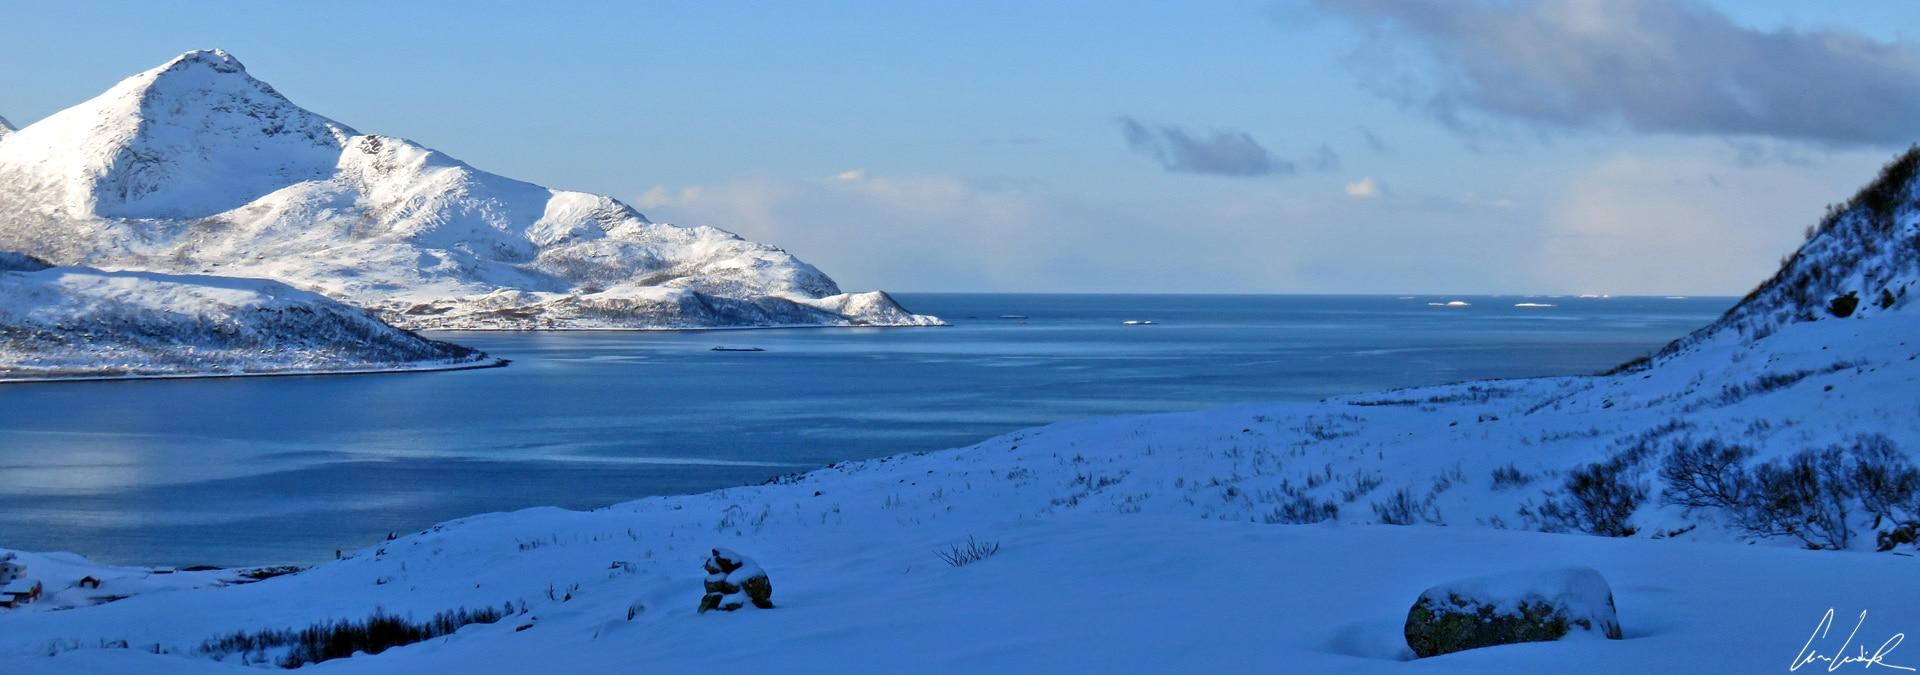 Une vue panoramique imprenable de l'océan arctique depuis Grøtfjor en Norvège. Au loin, on distingue de nombreux icebergs qui flottent.